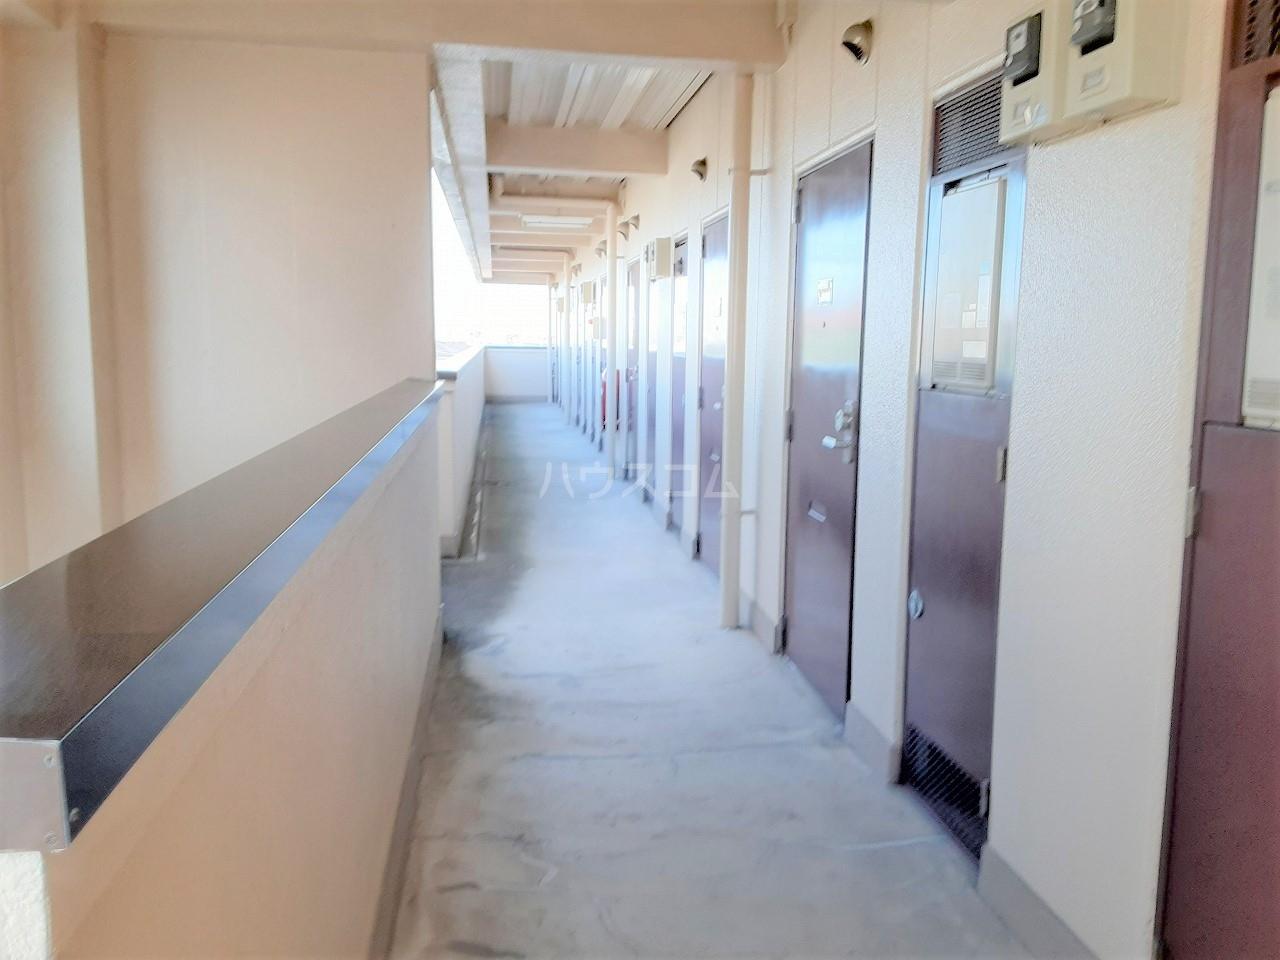 セントラルコーポ クロッカス館 205号室のベッドルーム